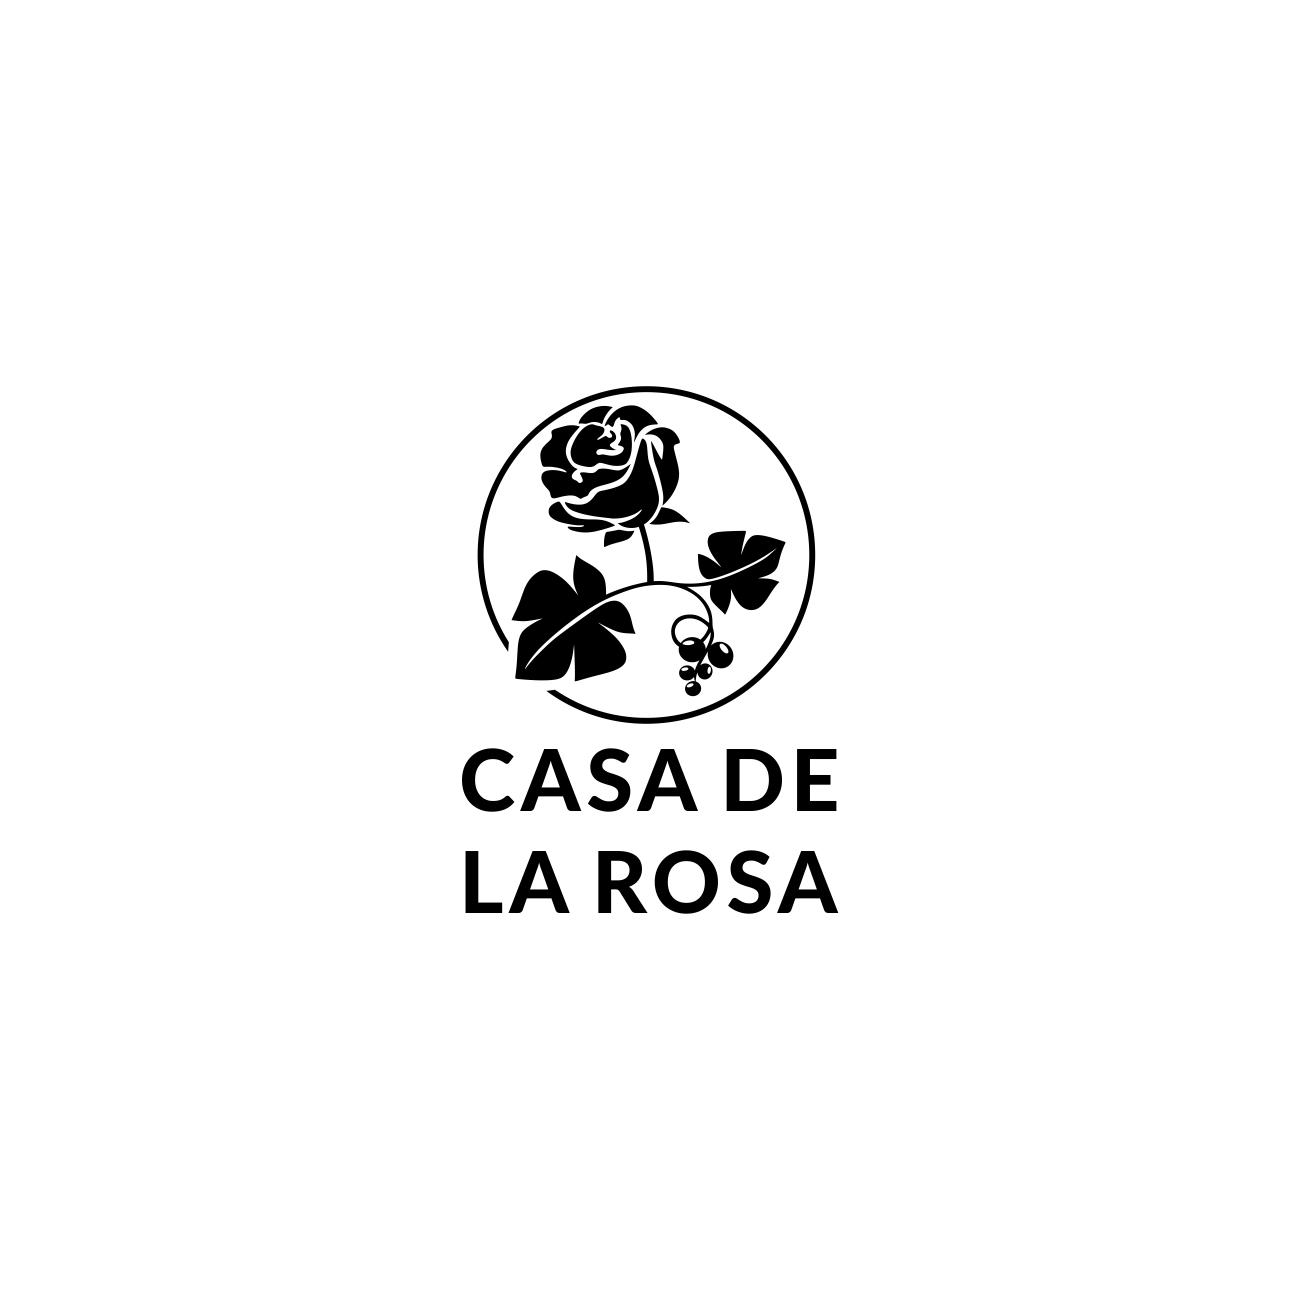 Логотип + Фирменный знак для элитного поселка Casa De La Rosa фото f_7635cd4a646b3049.jpg